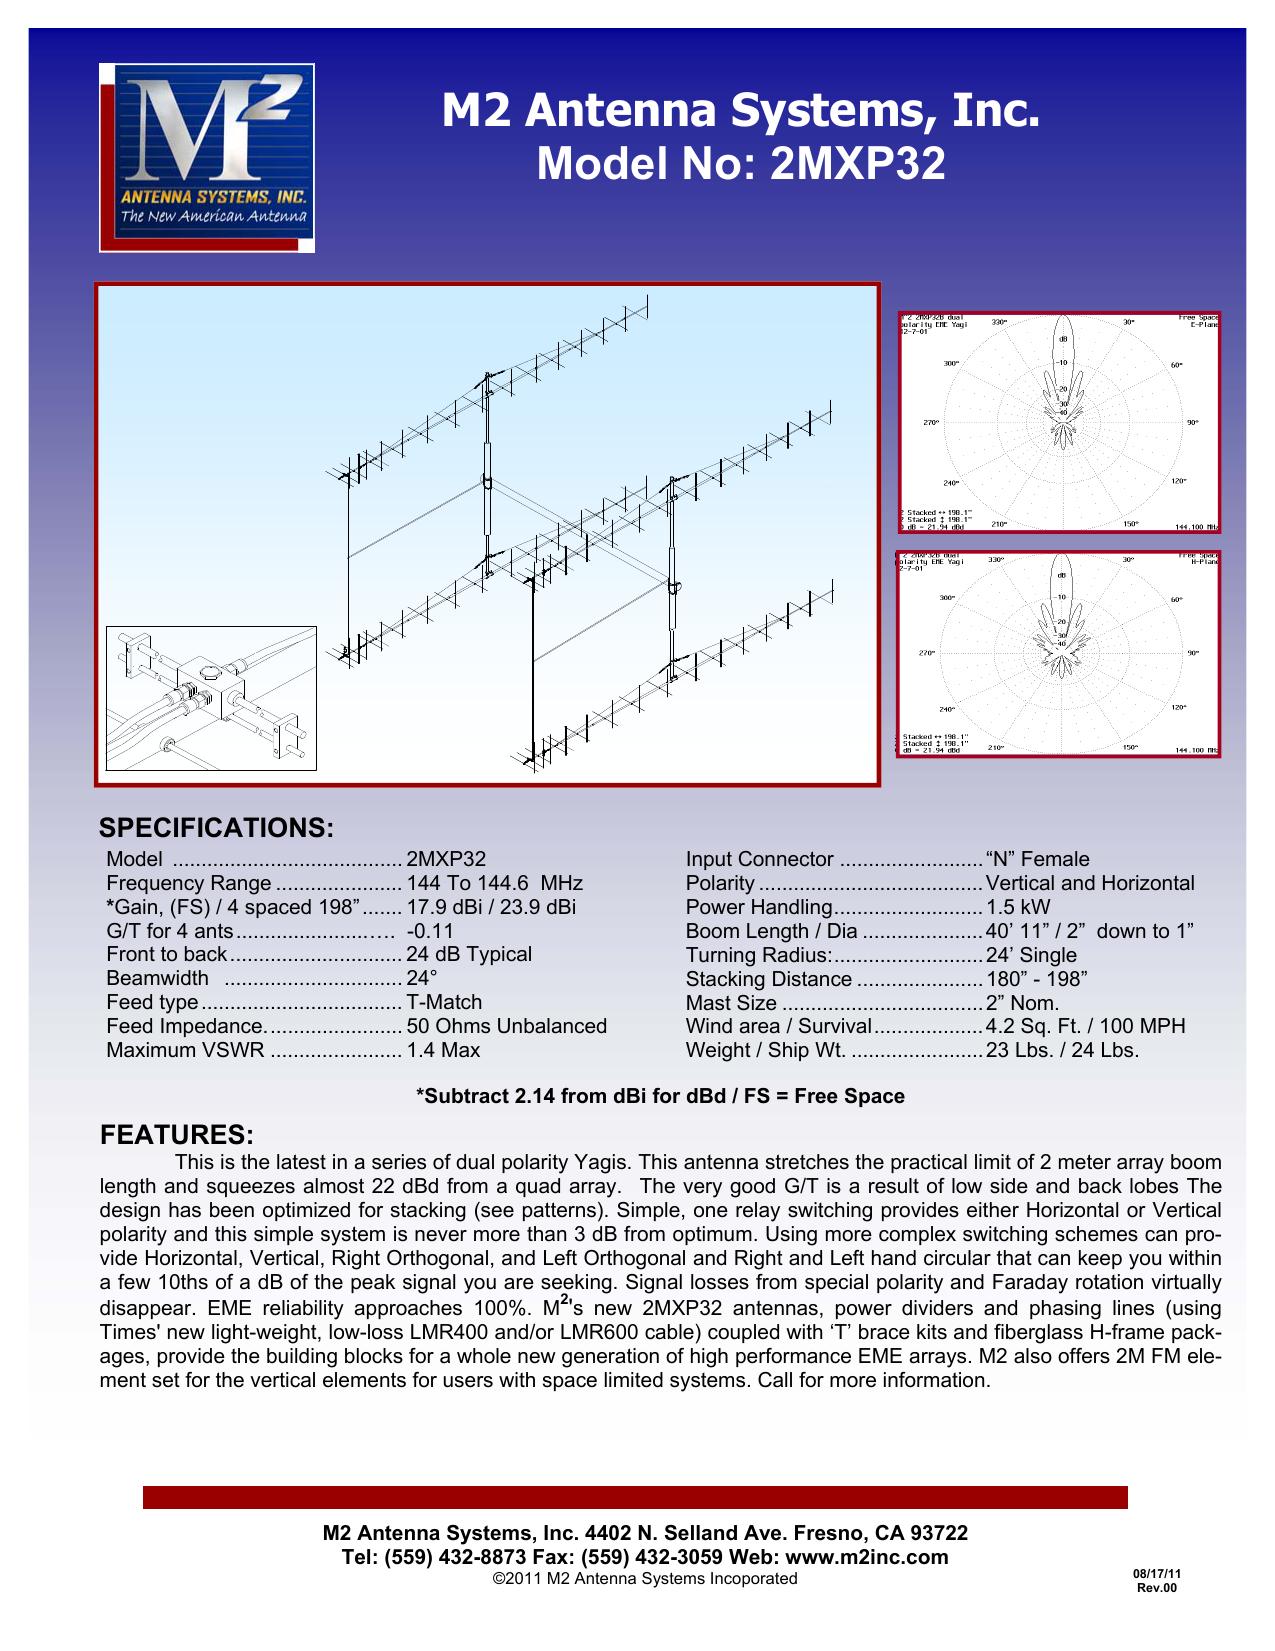 M2 Antenna Systems, Inc  Model No: 2MXP32 | manualzz com